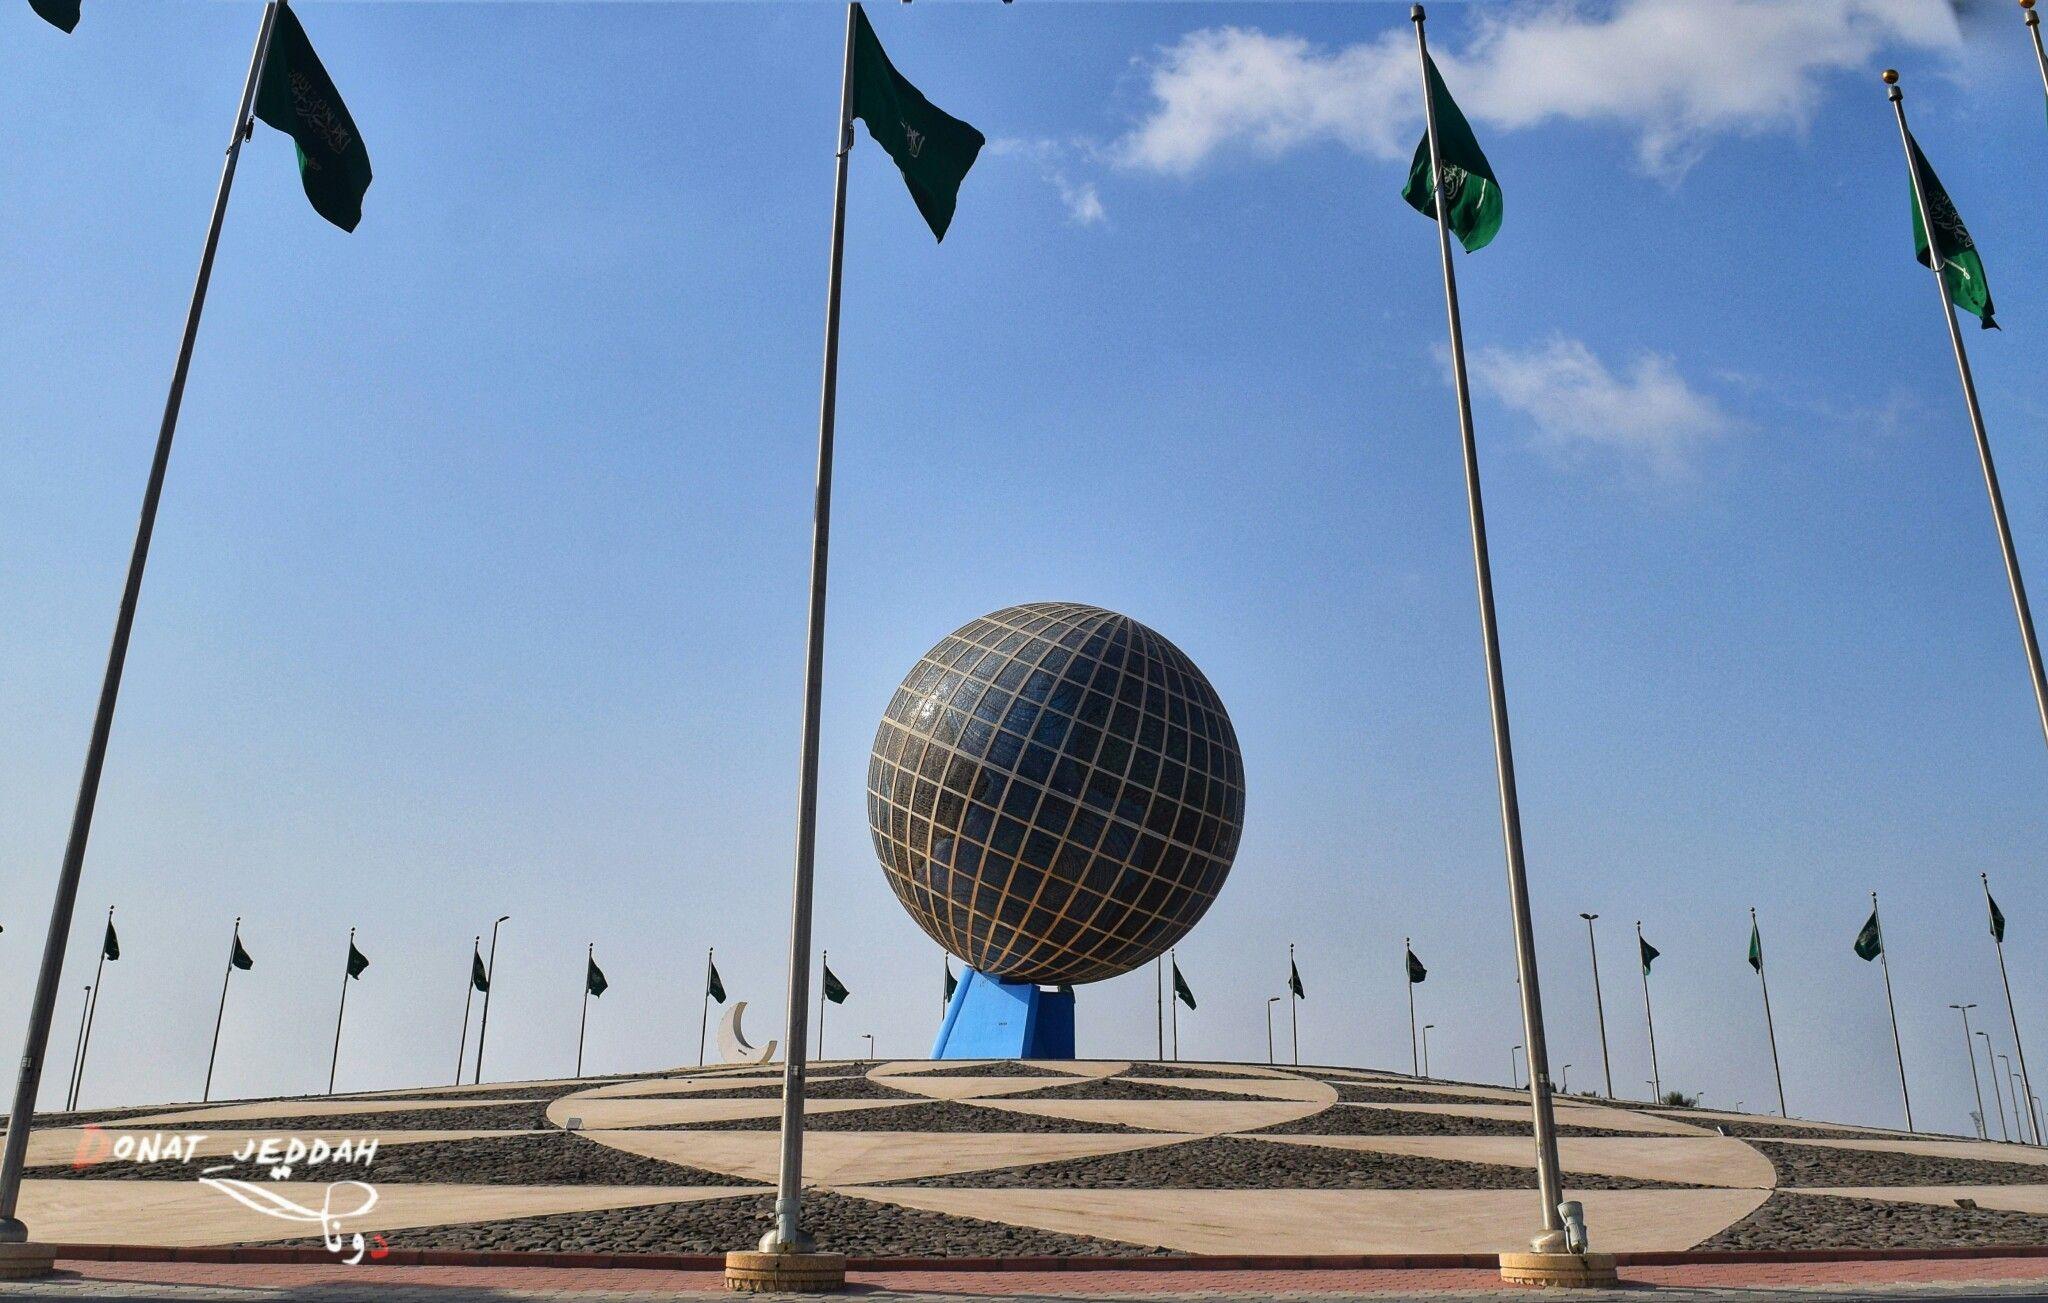 دوار الكرة الارضية احد اعمال الفنان العالمي خوليو لافوينتي Wind Turbine Healthy Chocolate Jeddah